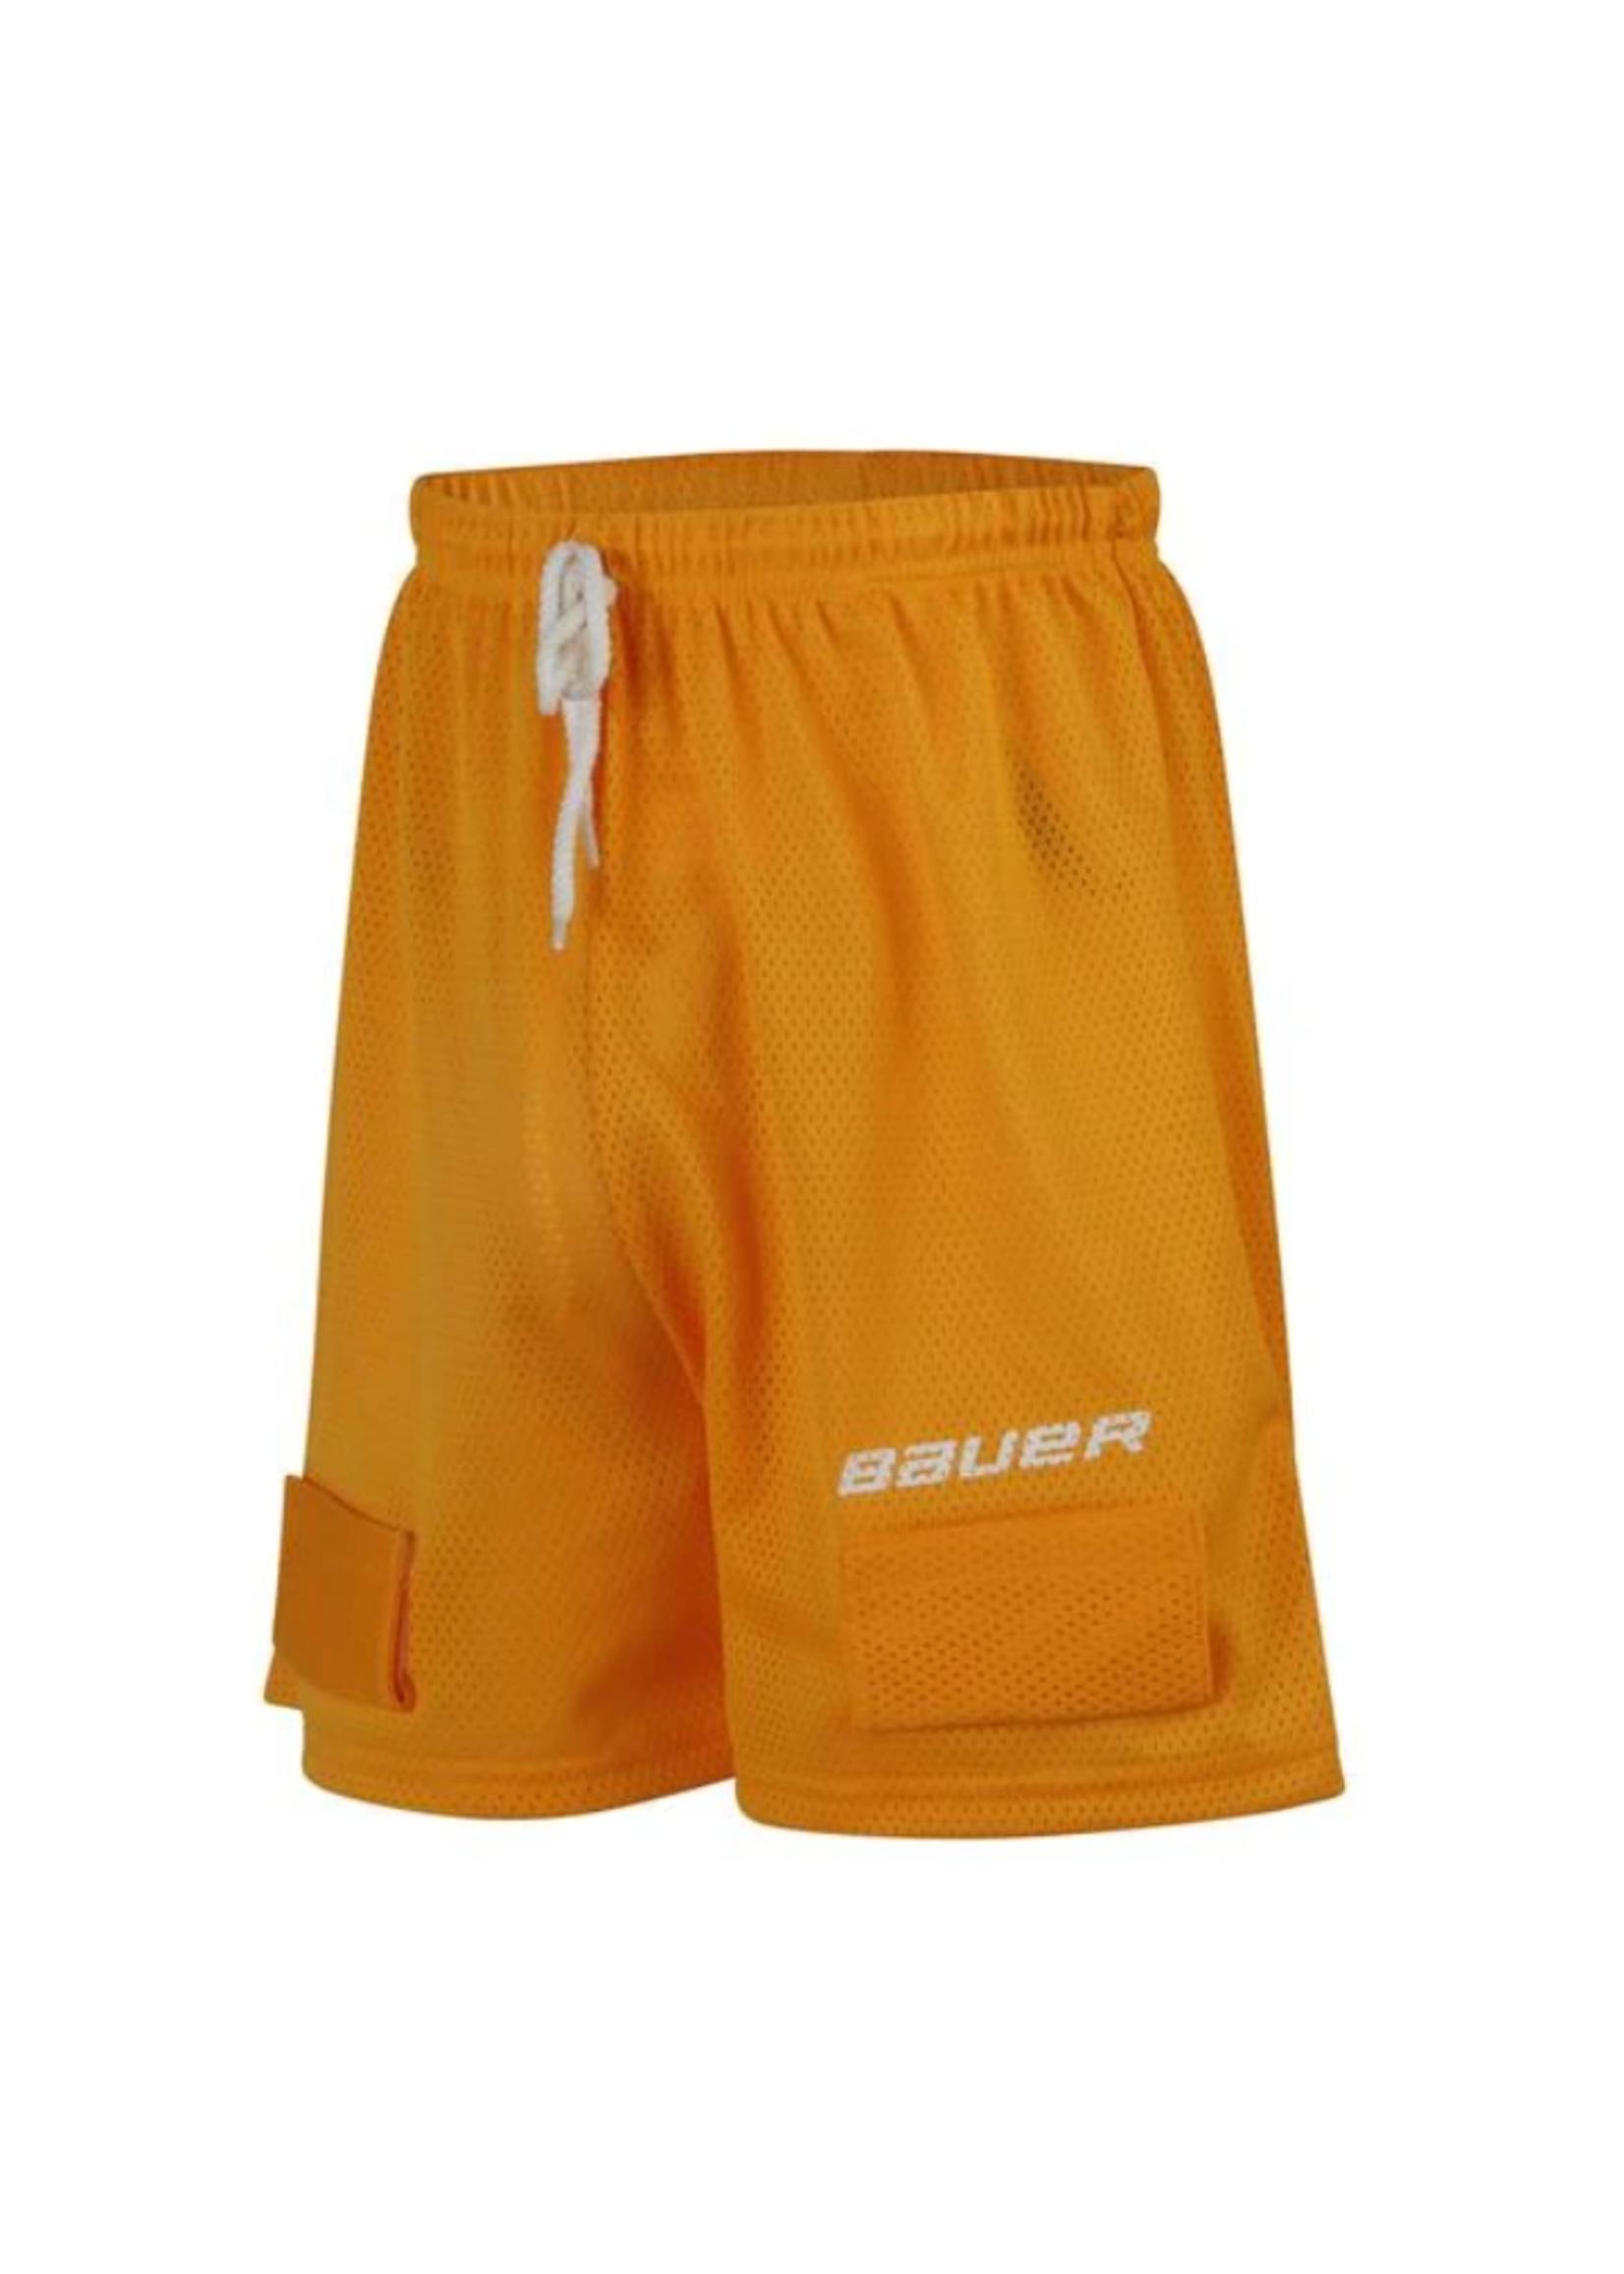 Bauer Core Mesh Youth Jock Shorts